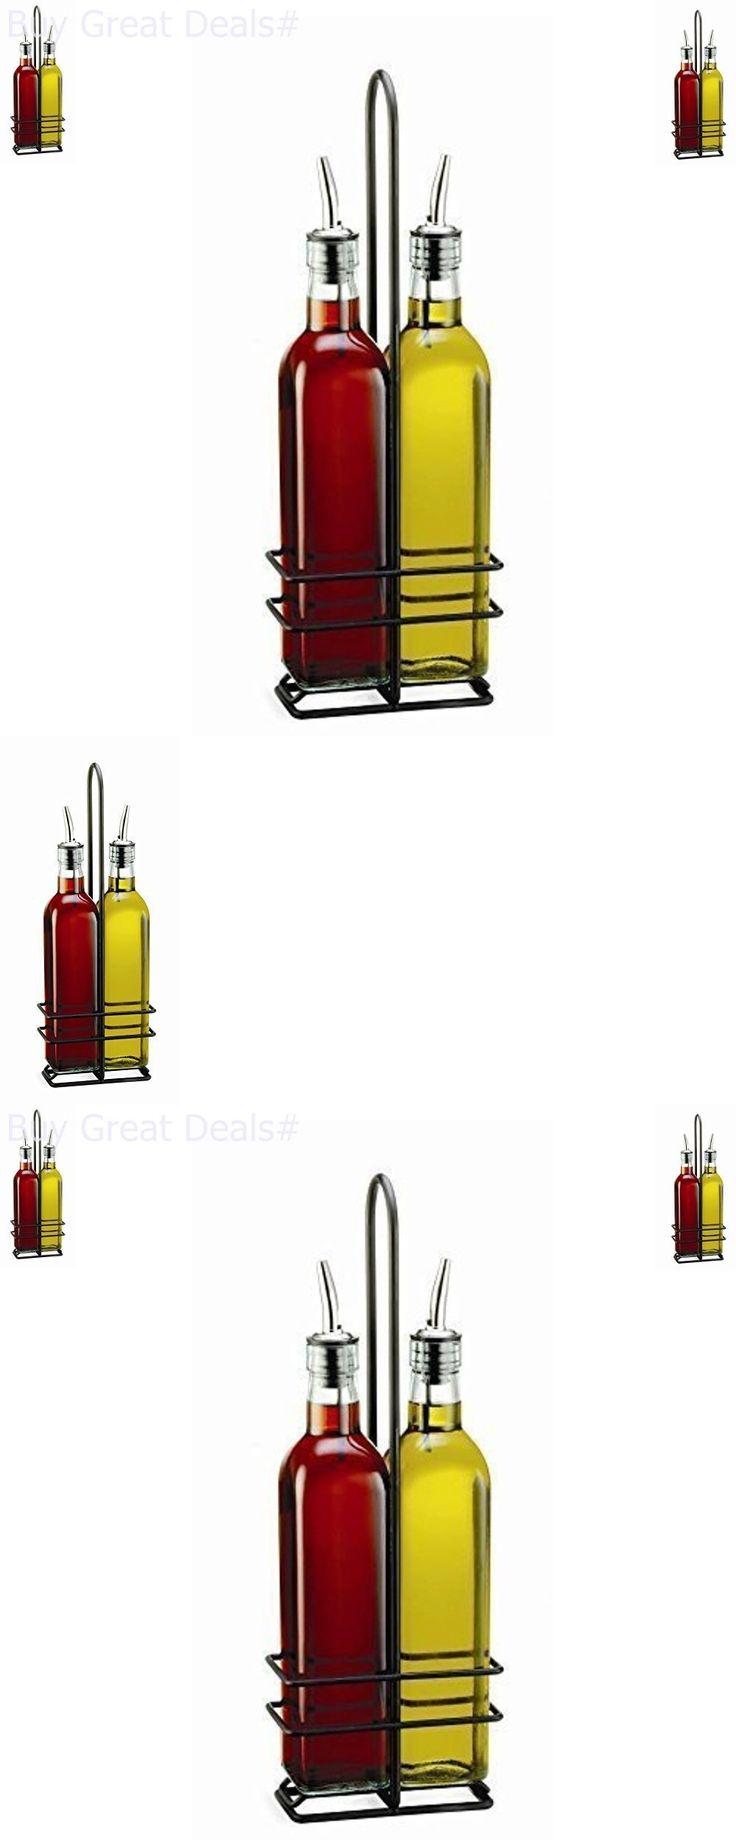 Oil and Vinegar Dispensers 54122: 16 Oz Olive Oil Bottle Set Vinegar Dispenser Container Pourer Sprayer Kitchen -> BUY IT NOW ONLY: $42.32 on eBay!